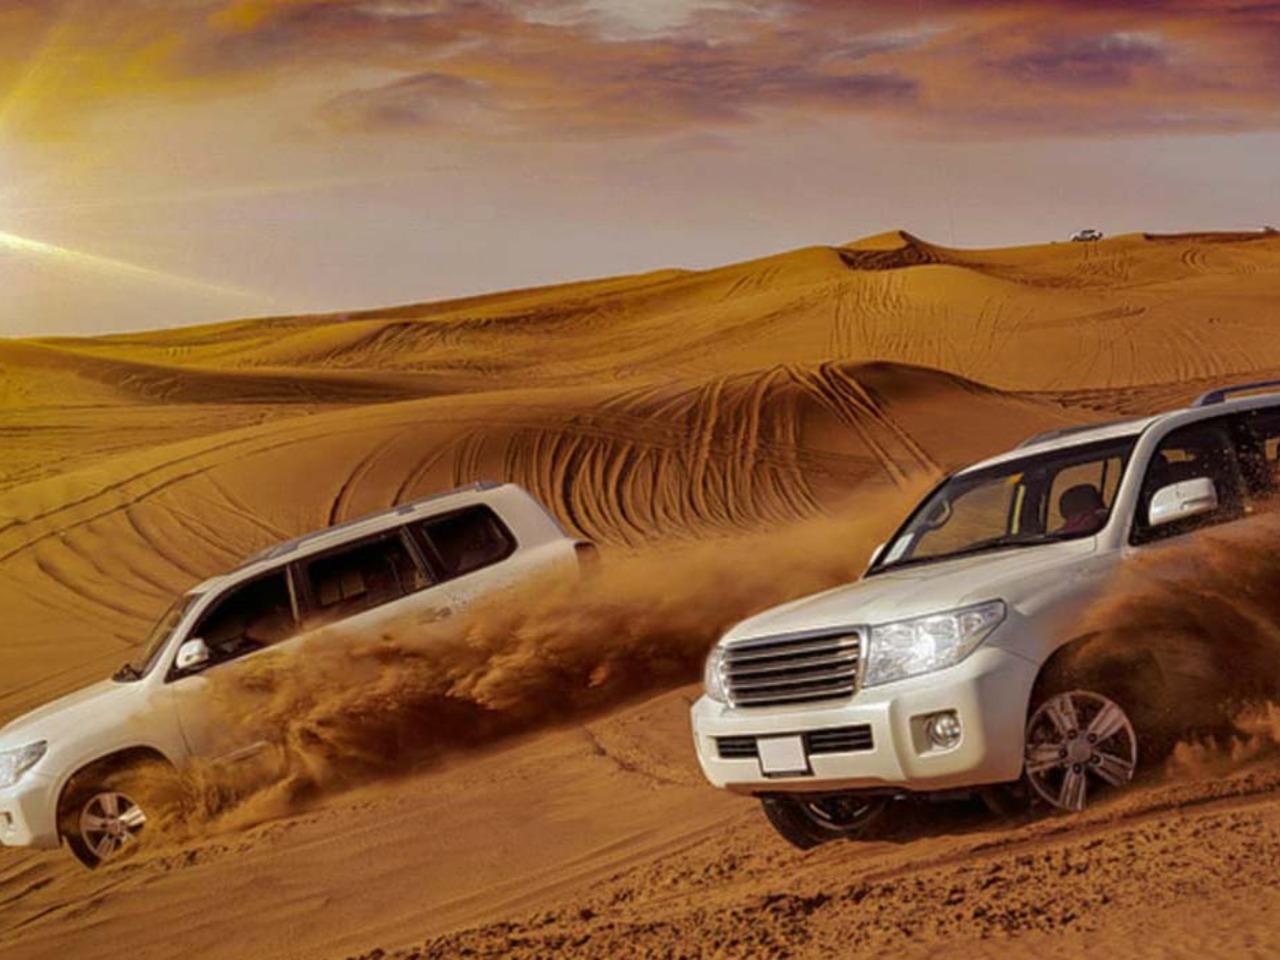 Сафари-тур - групповая экскурсия в Дубае от опытного гида